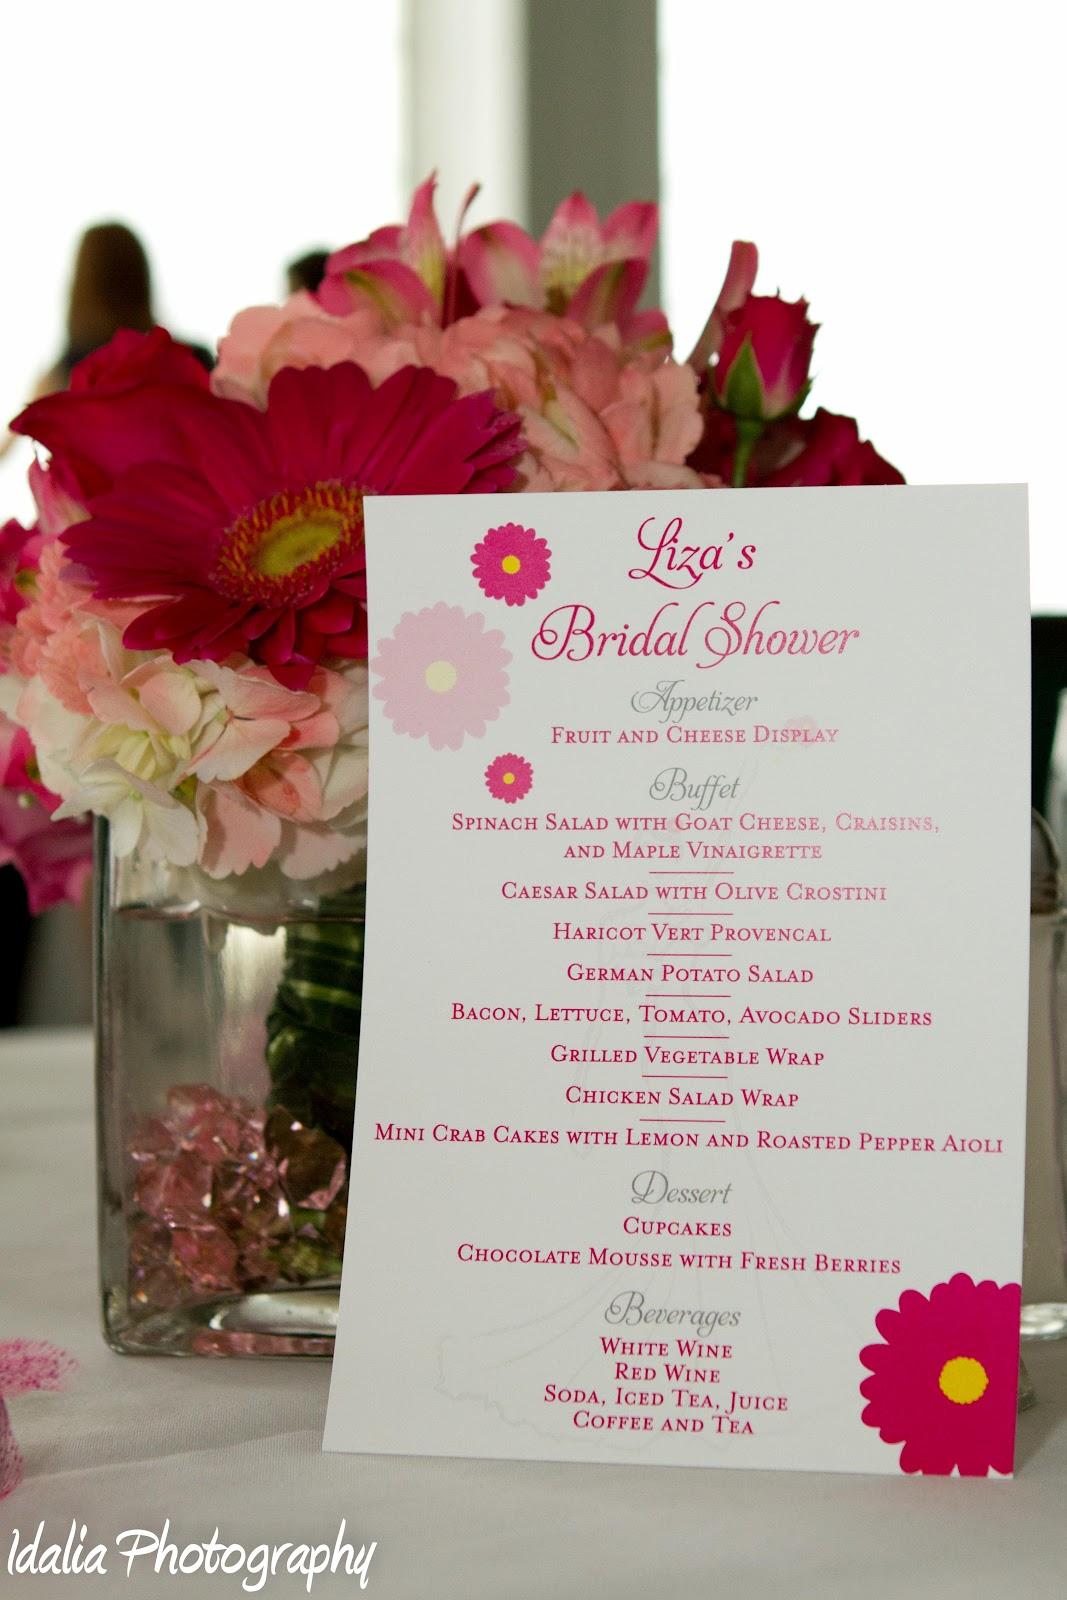 NJ Wedding Photographer   Idalia Photography   Event Photography ...